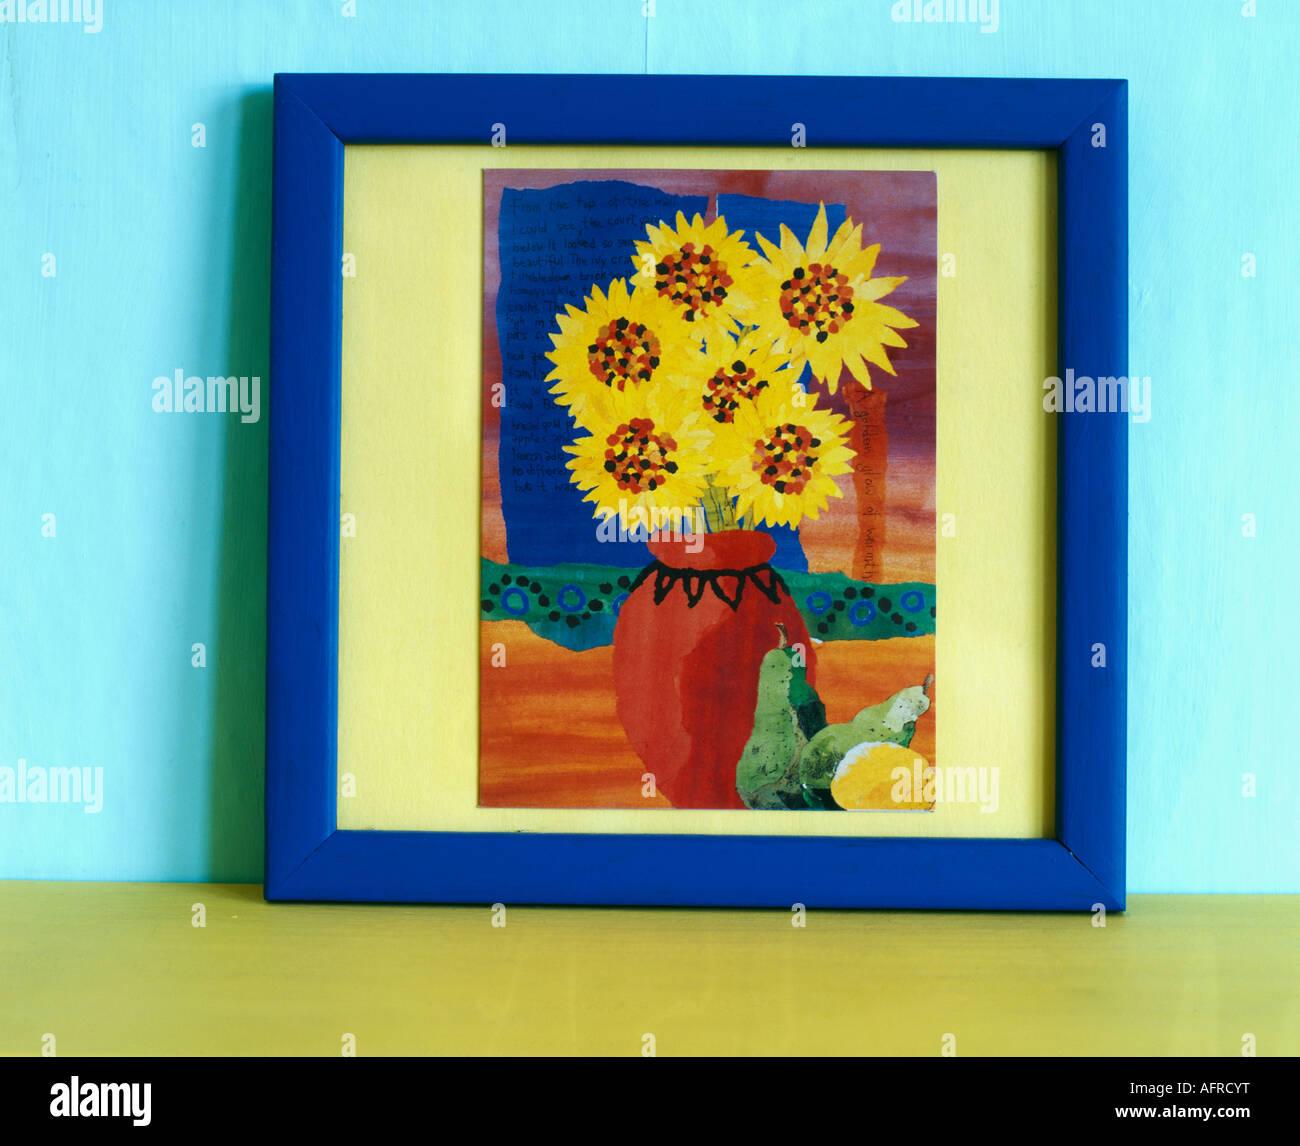 Kleine blau gerahmte Gemälde von Sonnenblumen, rote vase Stockfoto ...